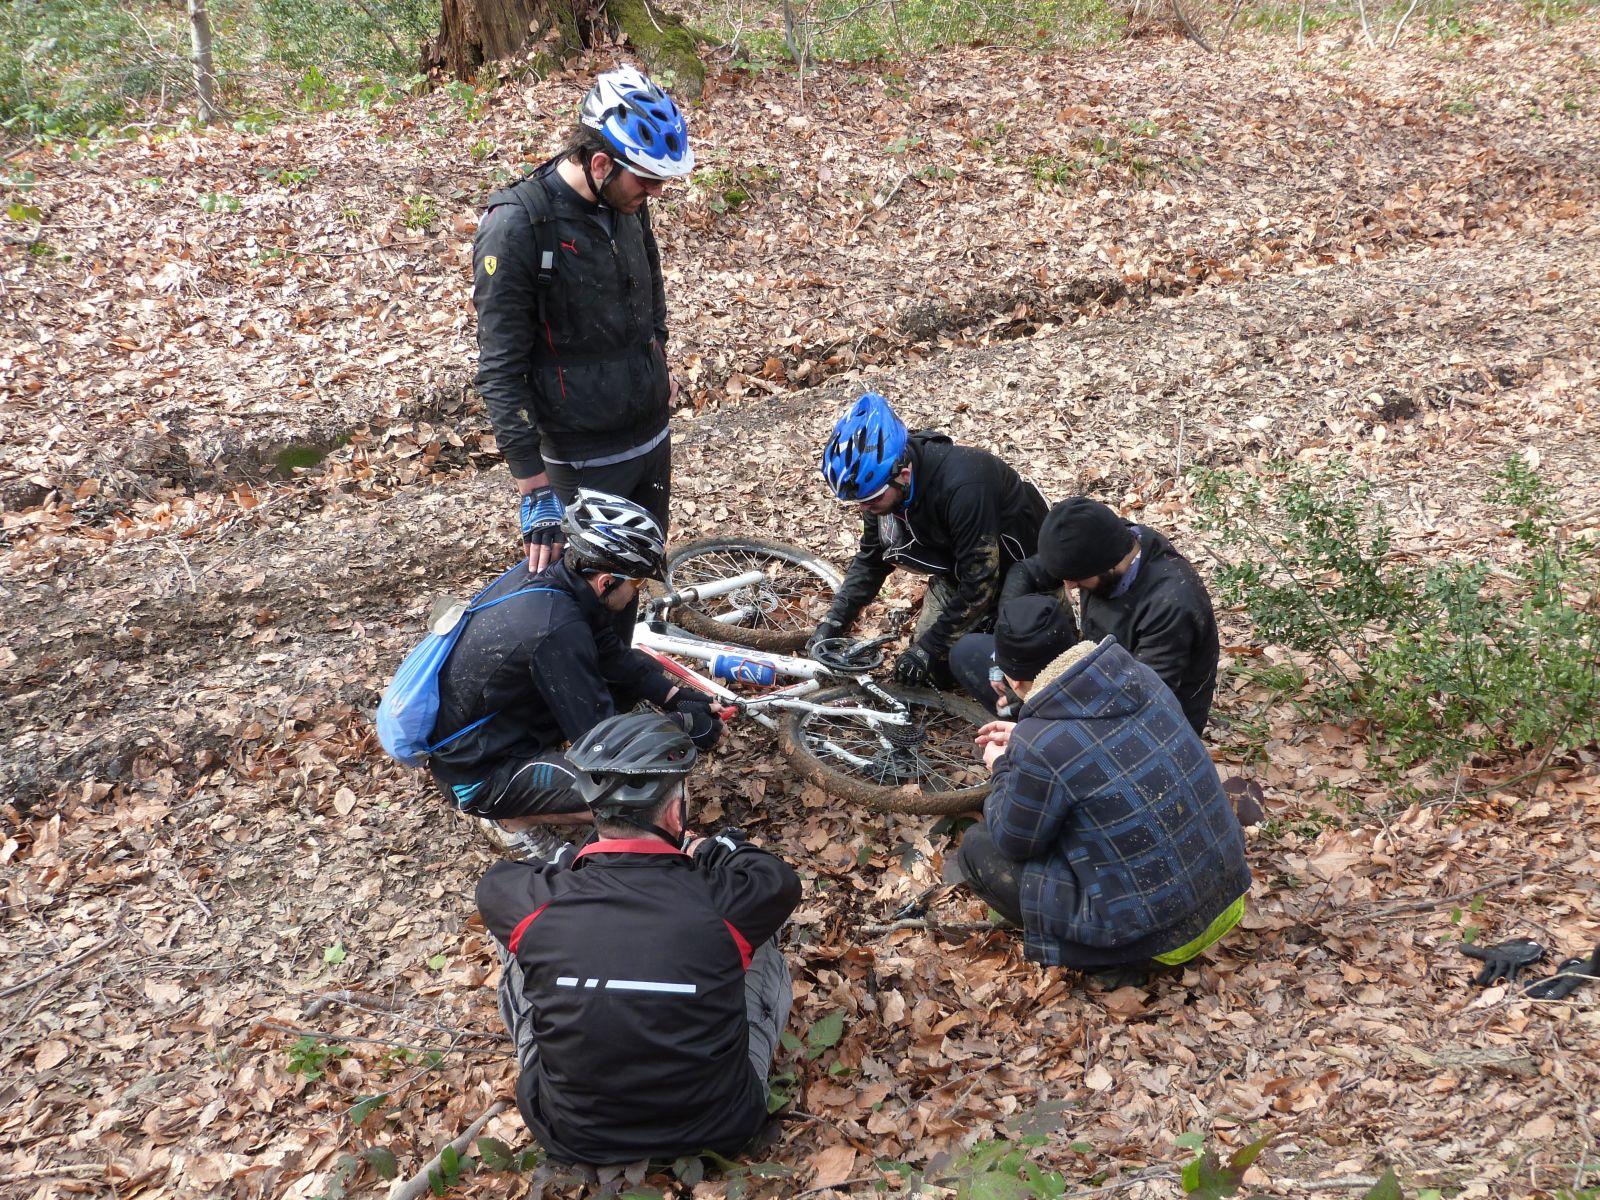 Teamwork for fixing a bike